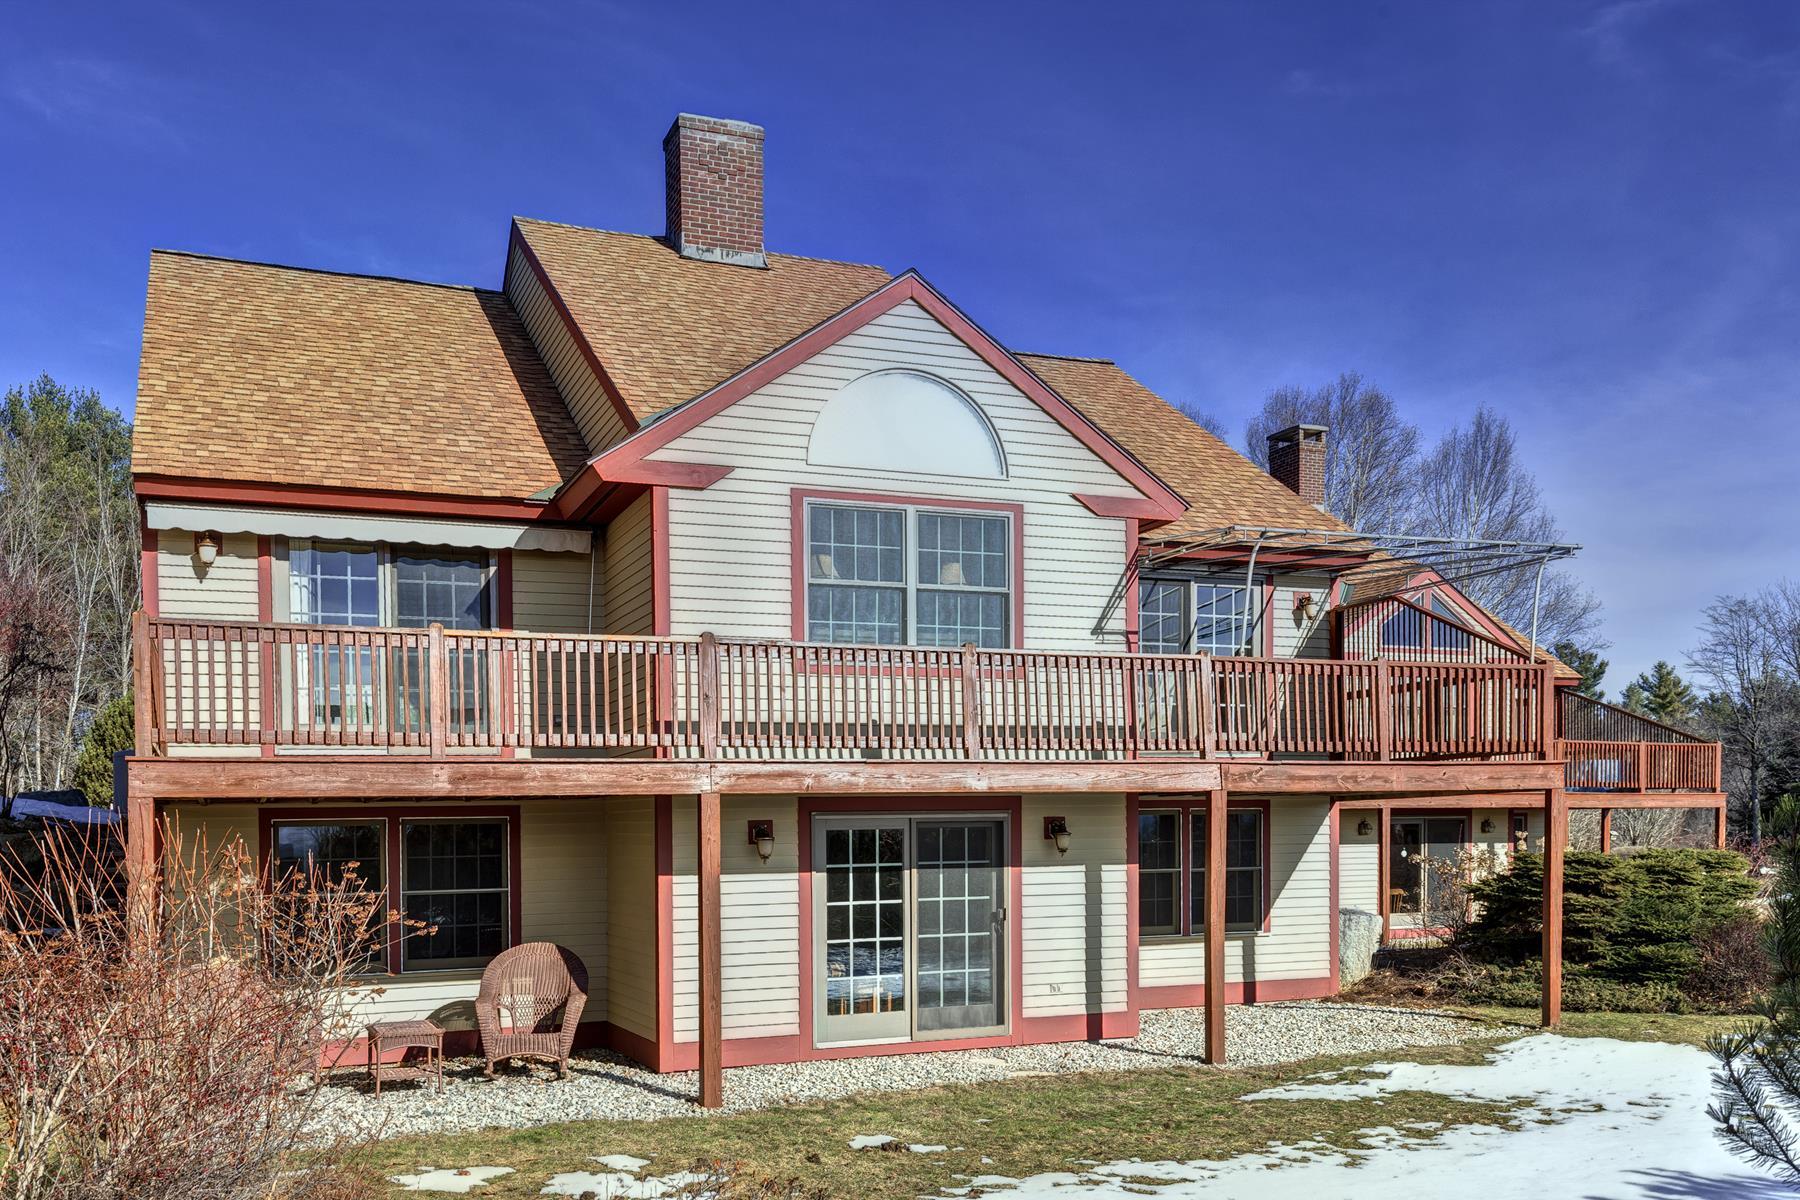 Villa per Vendita alle ore 31 Highland, New London New London, New Hampshire, 03257 Stati Uniti